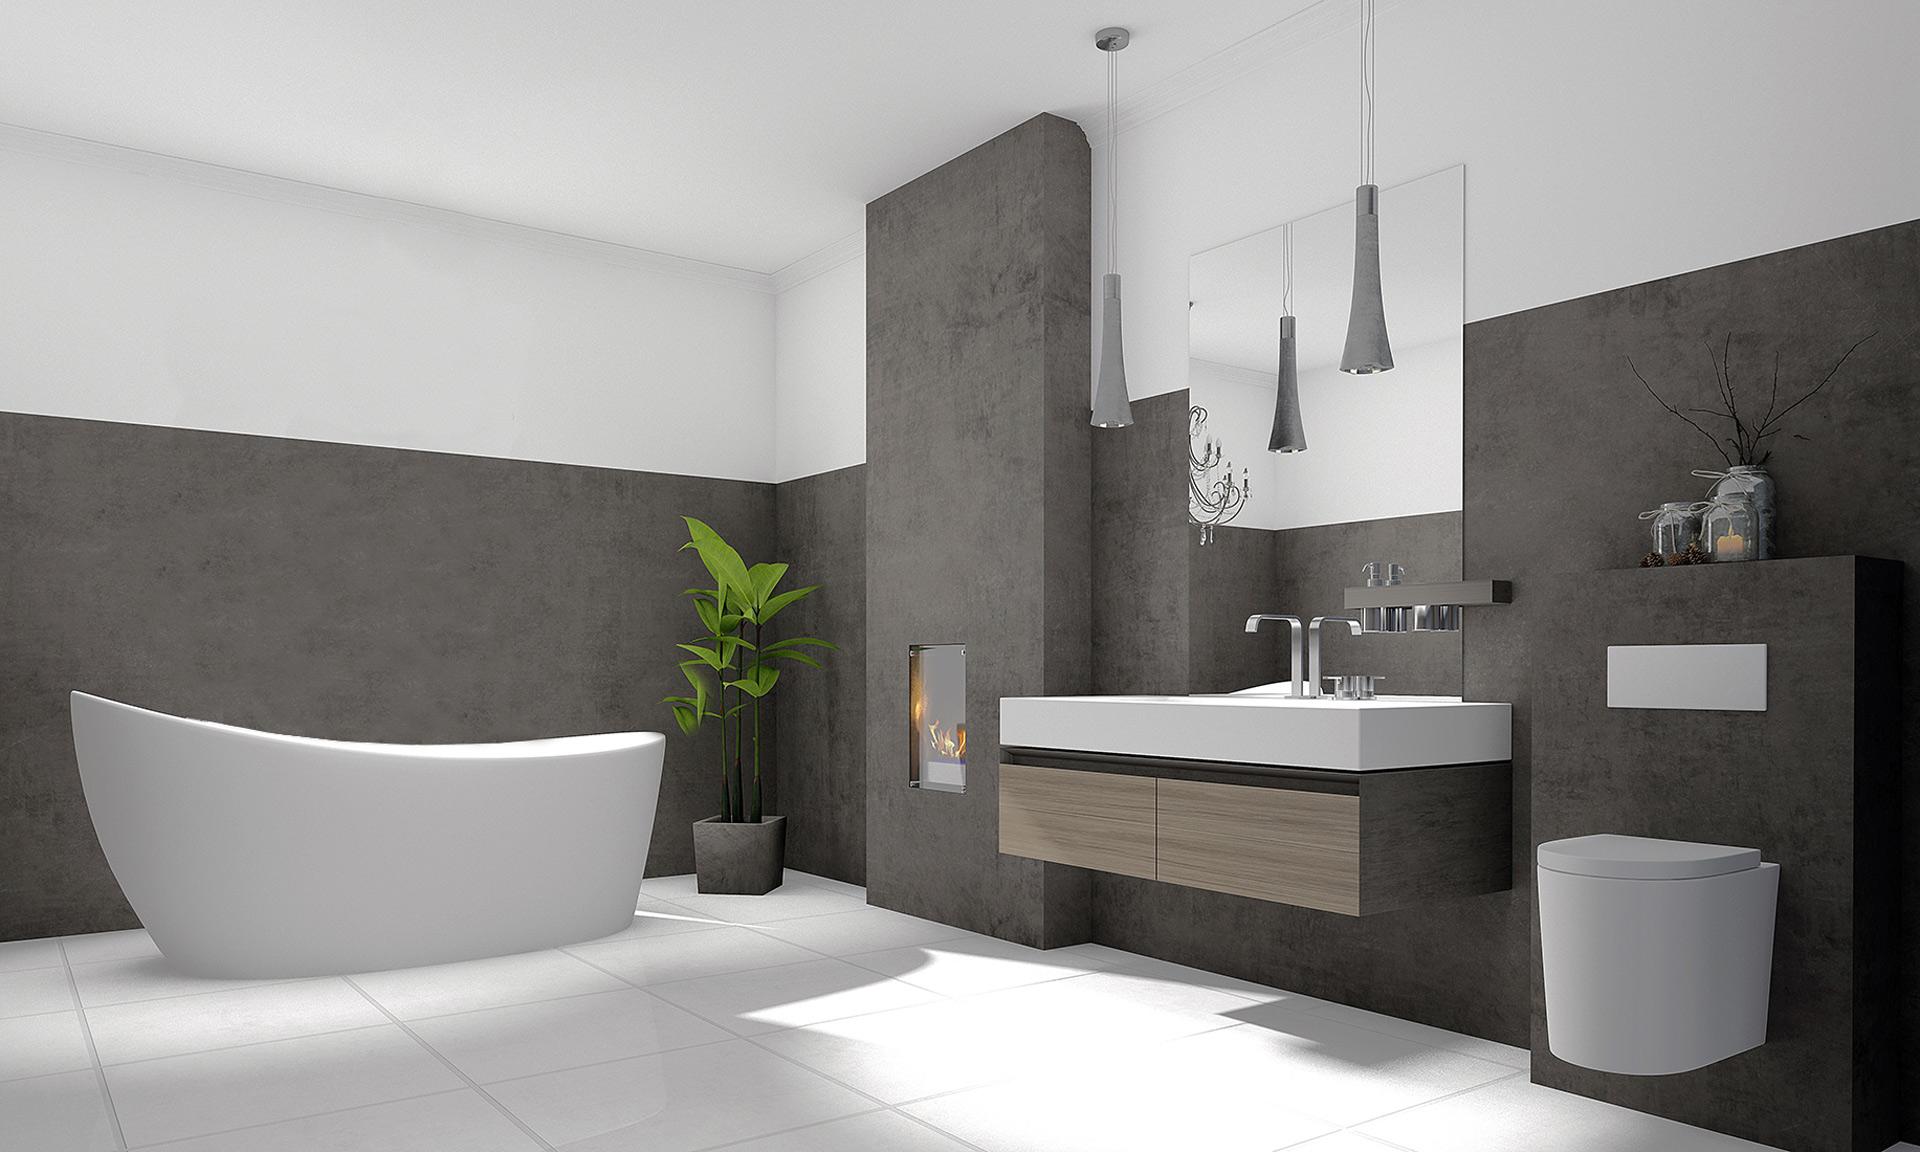 Modernes Bad in braun und weiß